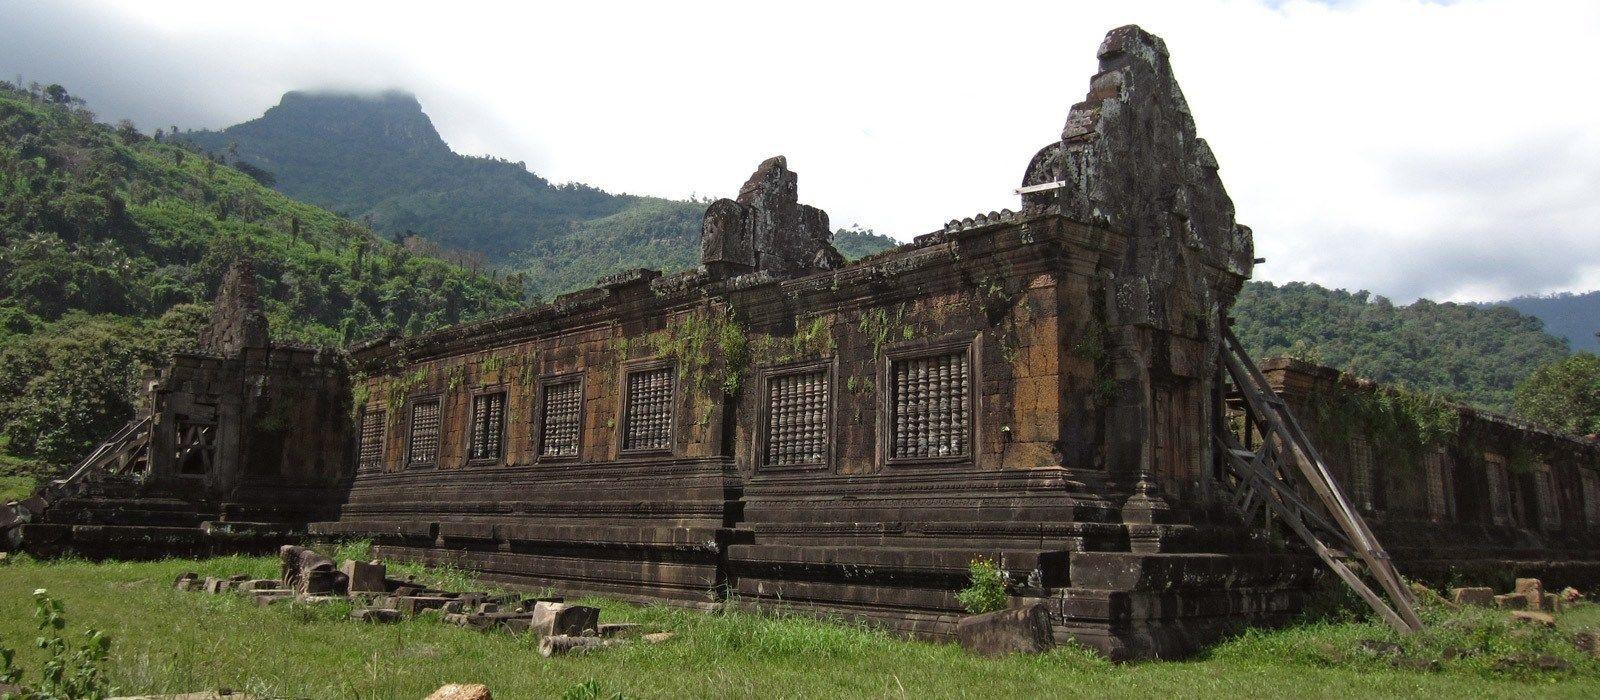 Kulturschätze Südostasiens – Laos und Kambodscha Rundreise Urlaub 3